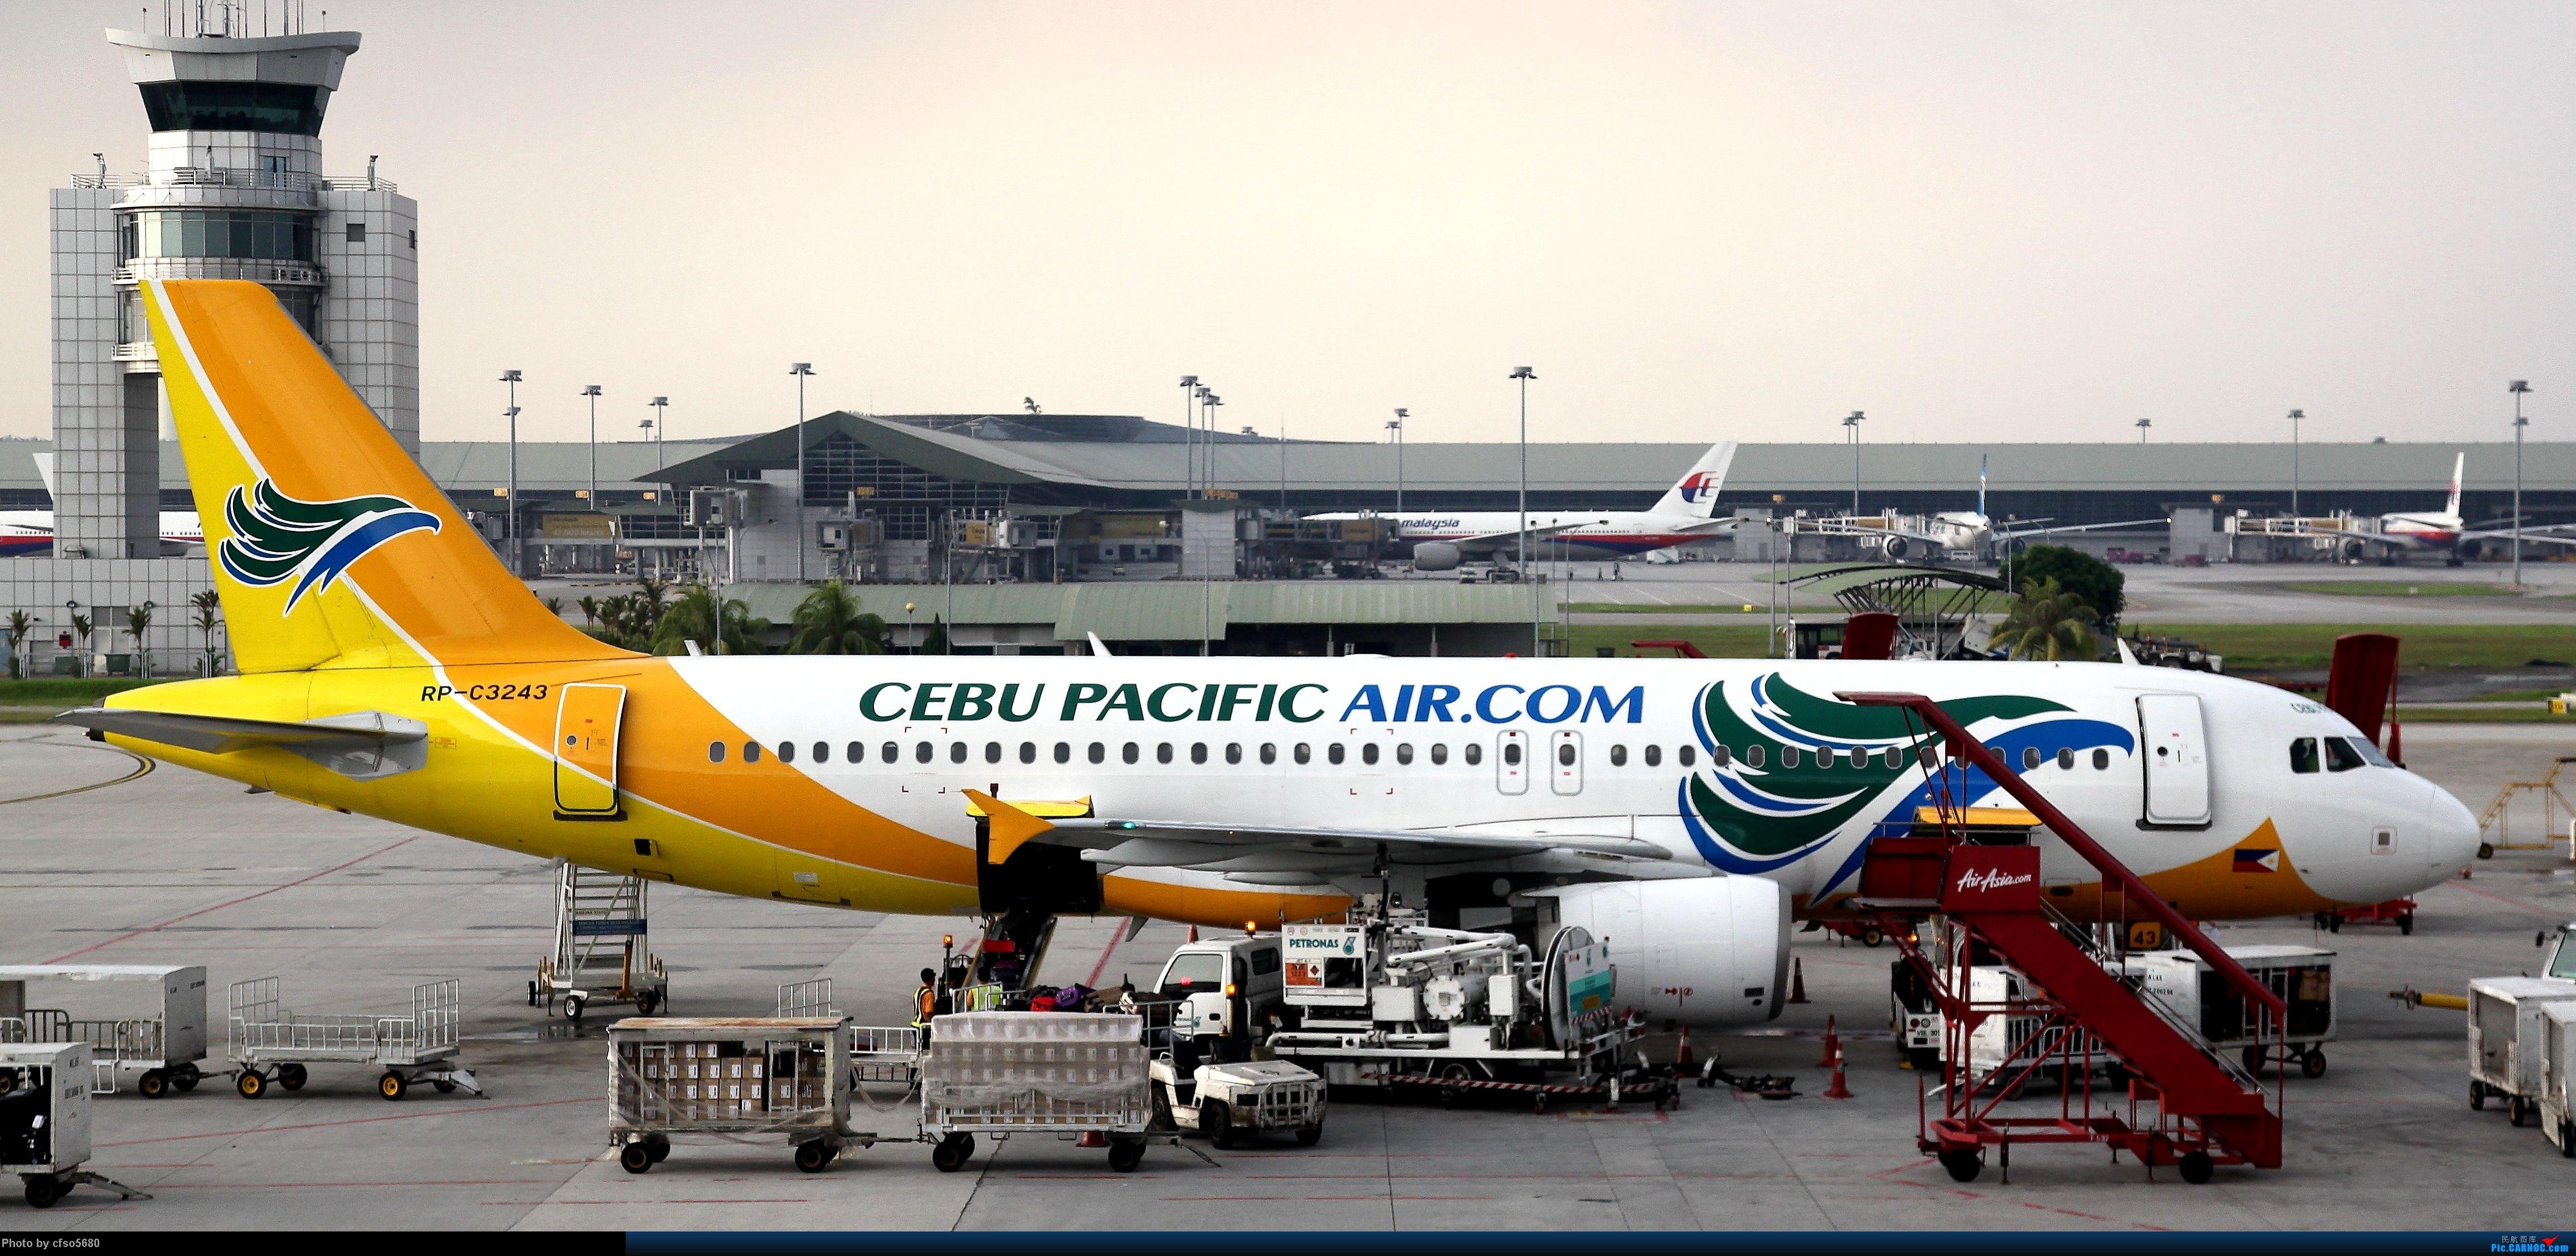 Re:[原创]2013大马拍机之旅,有彩绘、有380,飞机多多,惊喜多多。 AIRBUS A320-200 RP-C3243